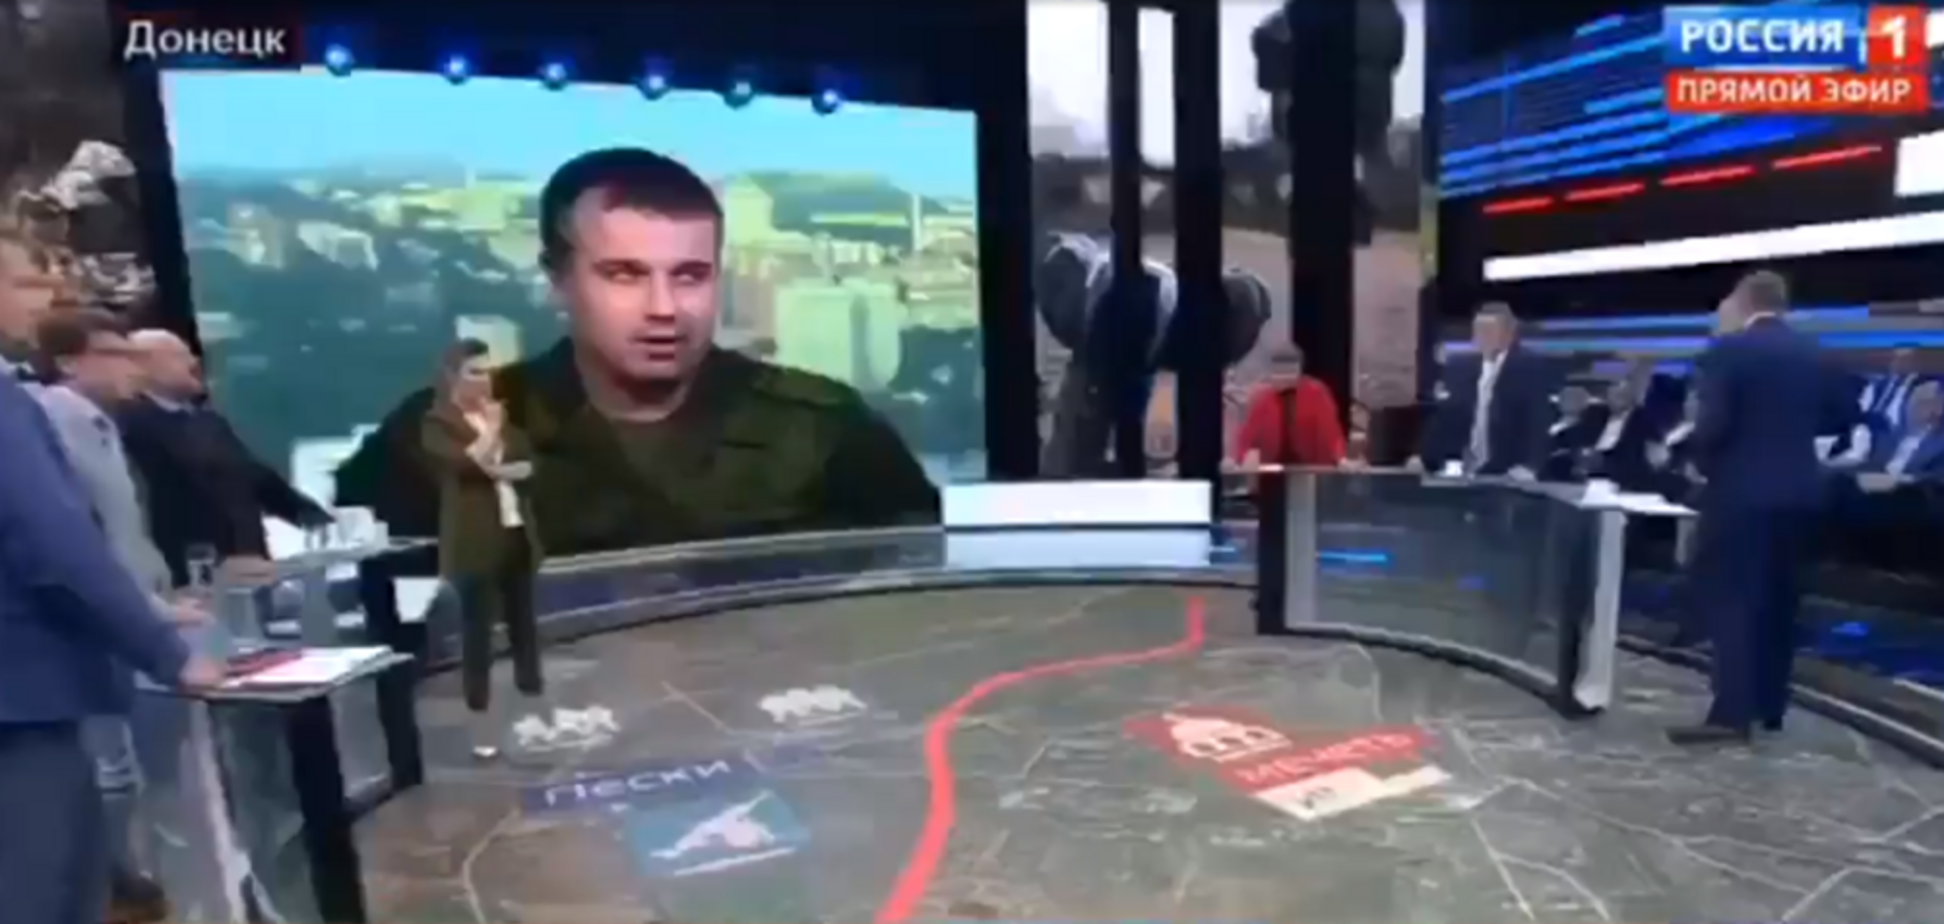 Порєбрік News: одіозний українець влаштував на росТБ демарш у прямому ефірі